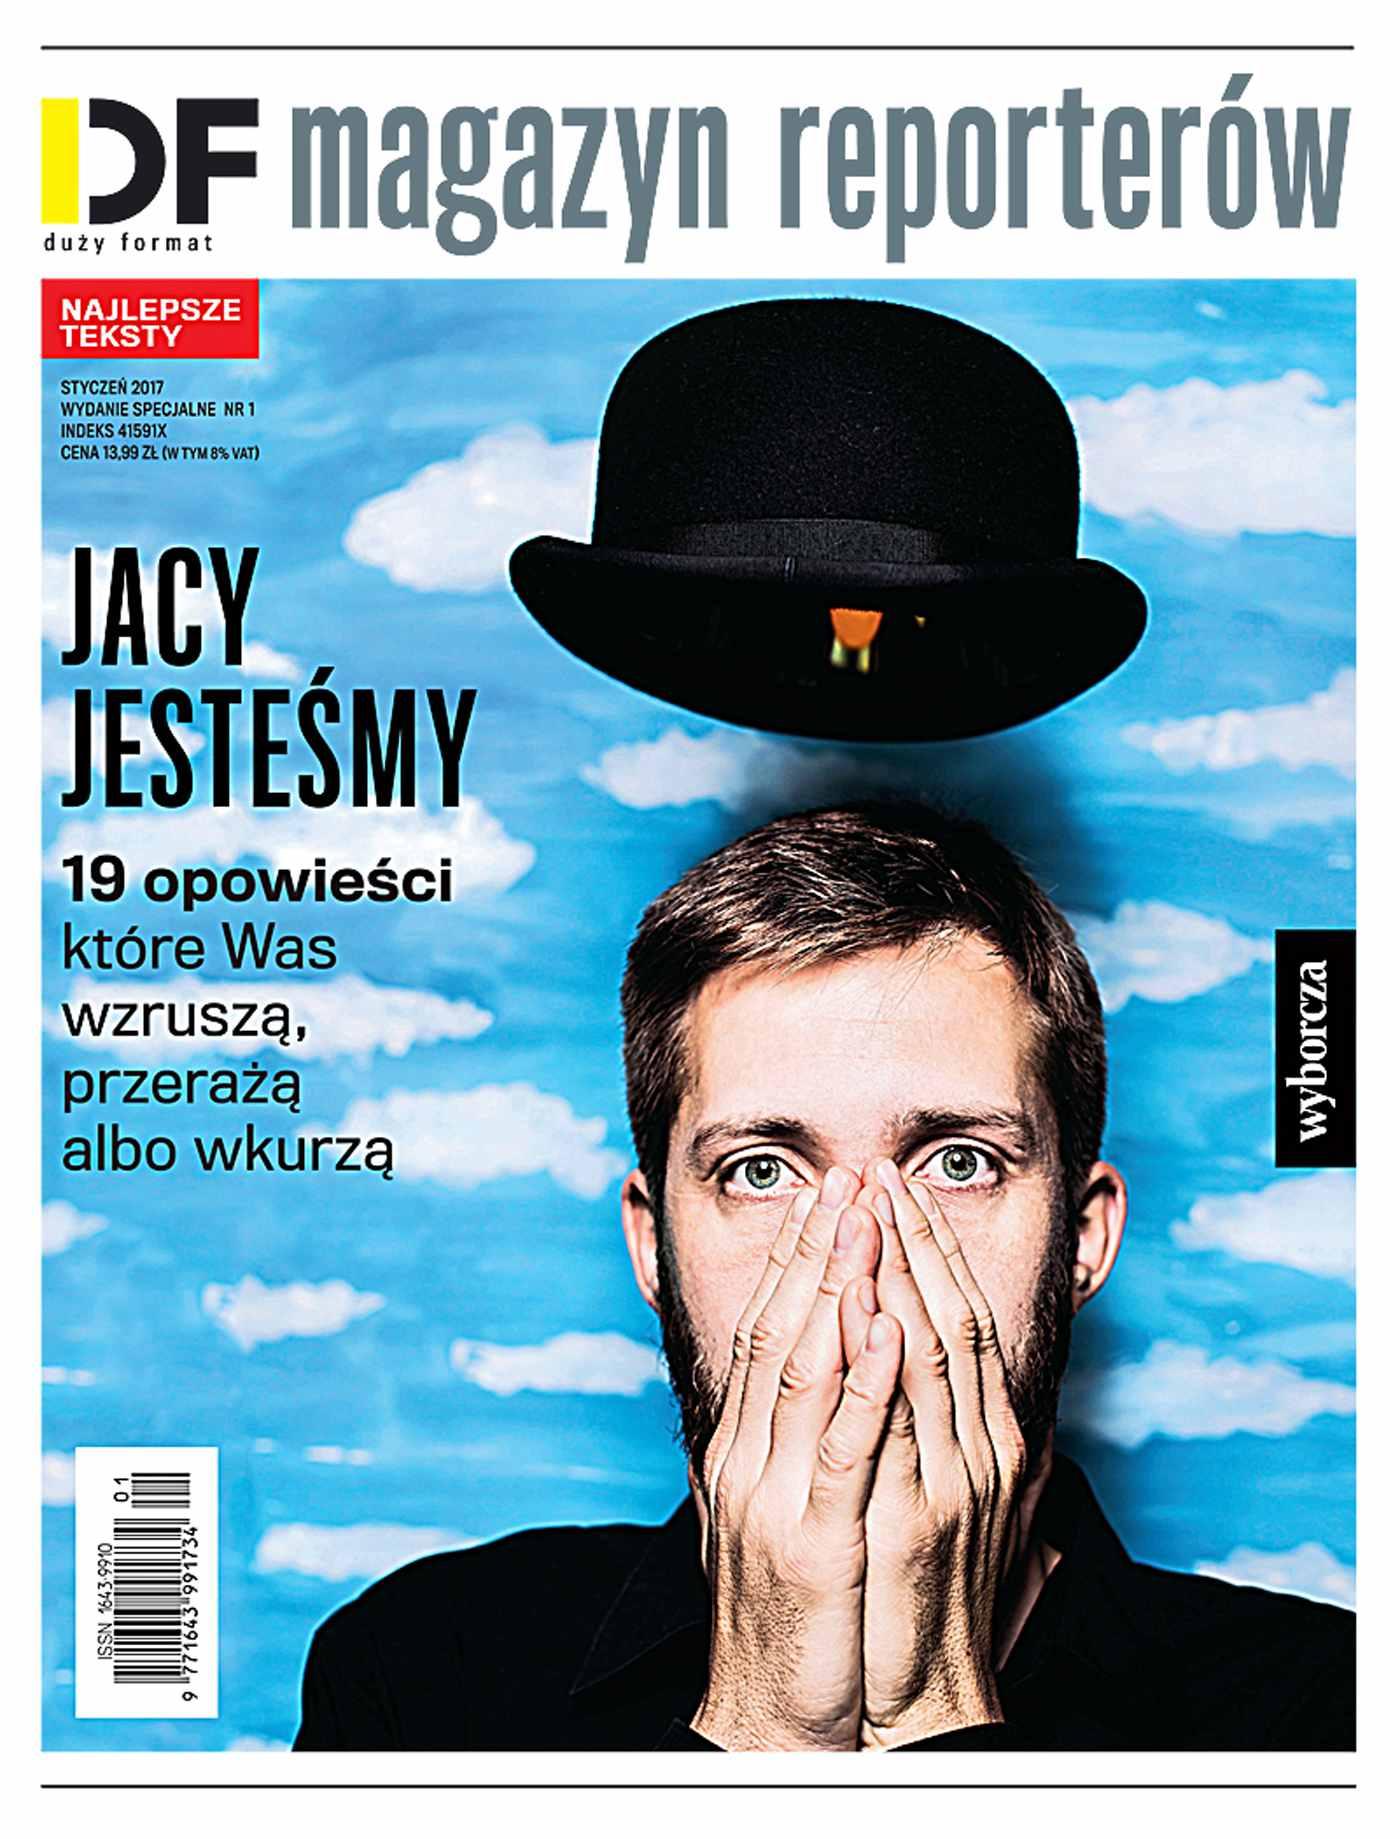 DF Magazyn Reporterów. Najlepsze teksty. Duży Format. Wydanie Specjalne - Ebook (Książka EPUB) do pobrania w formacie EPUB